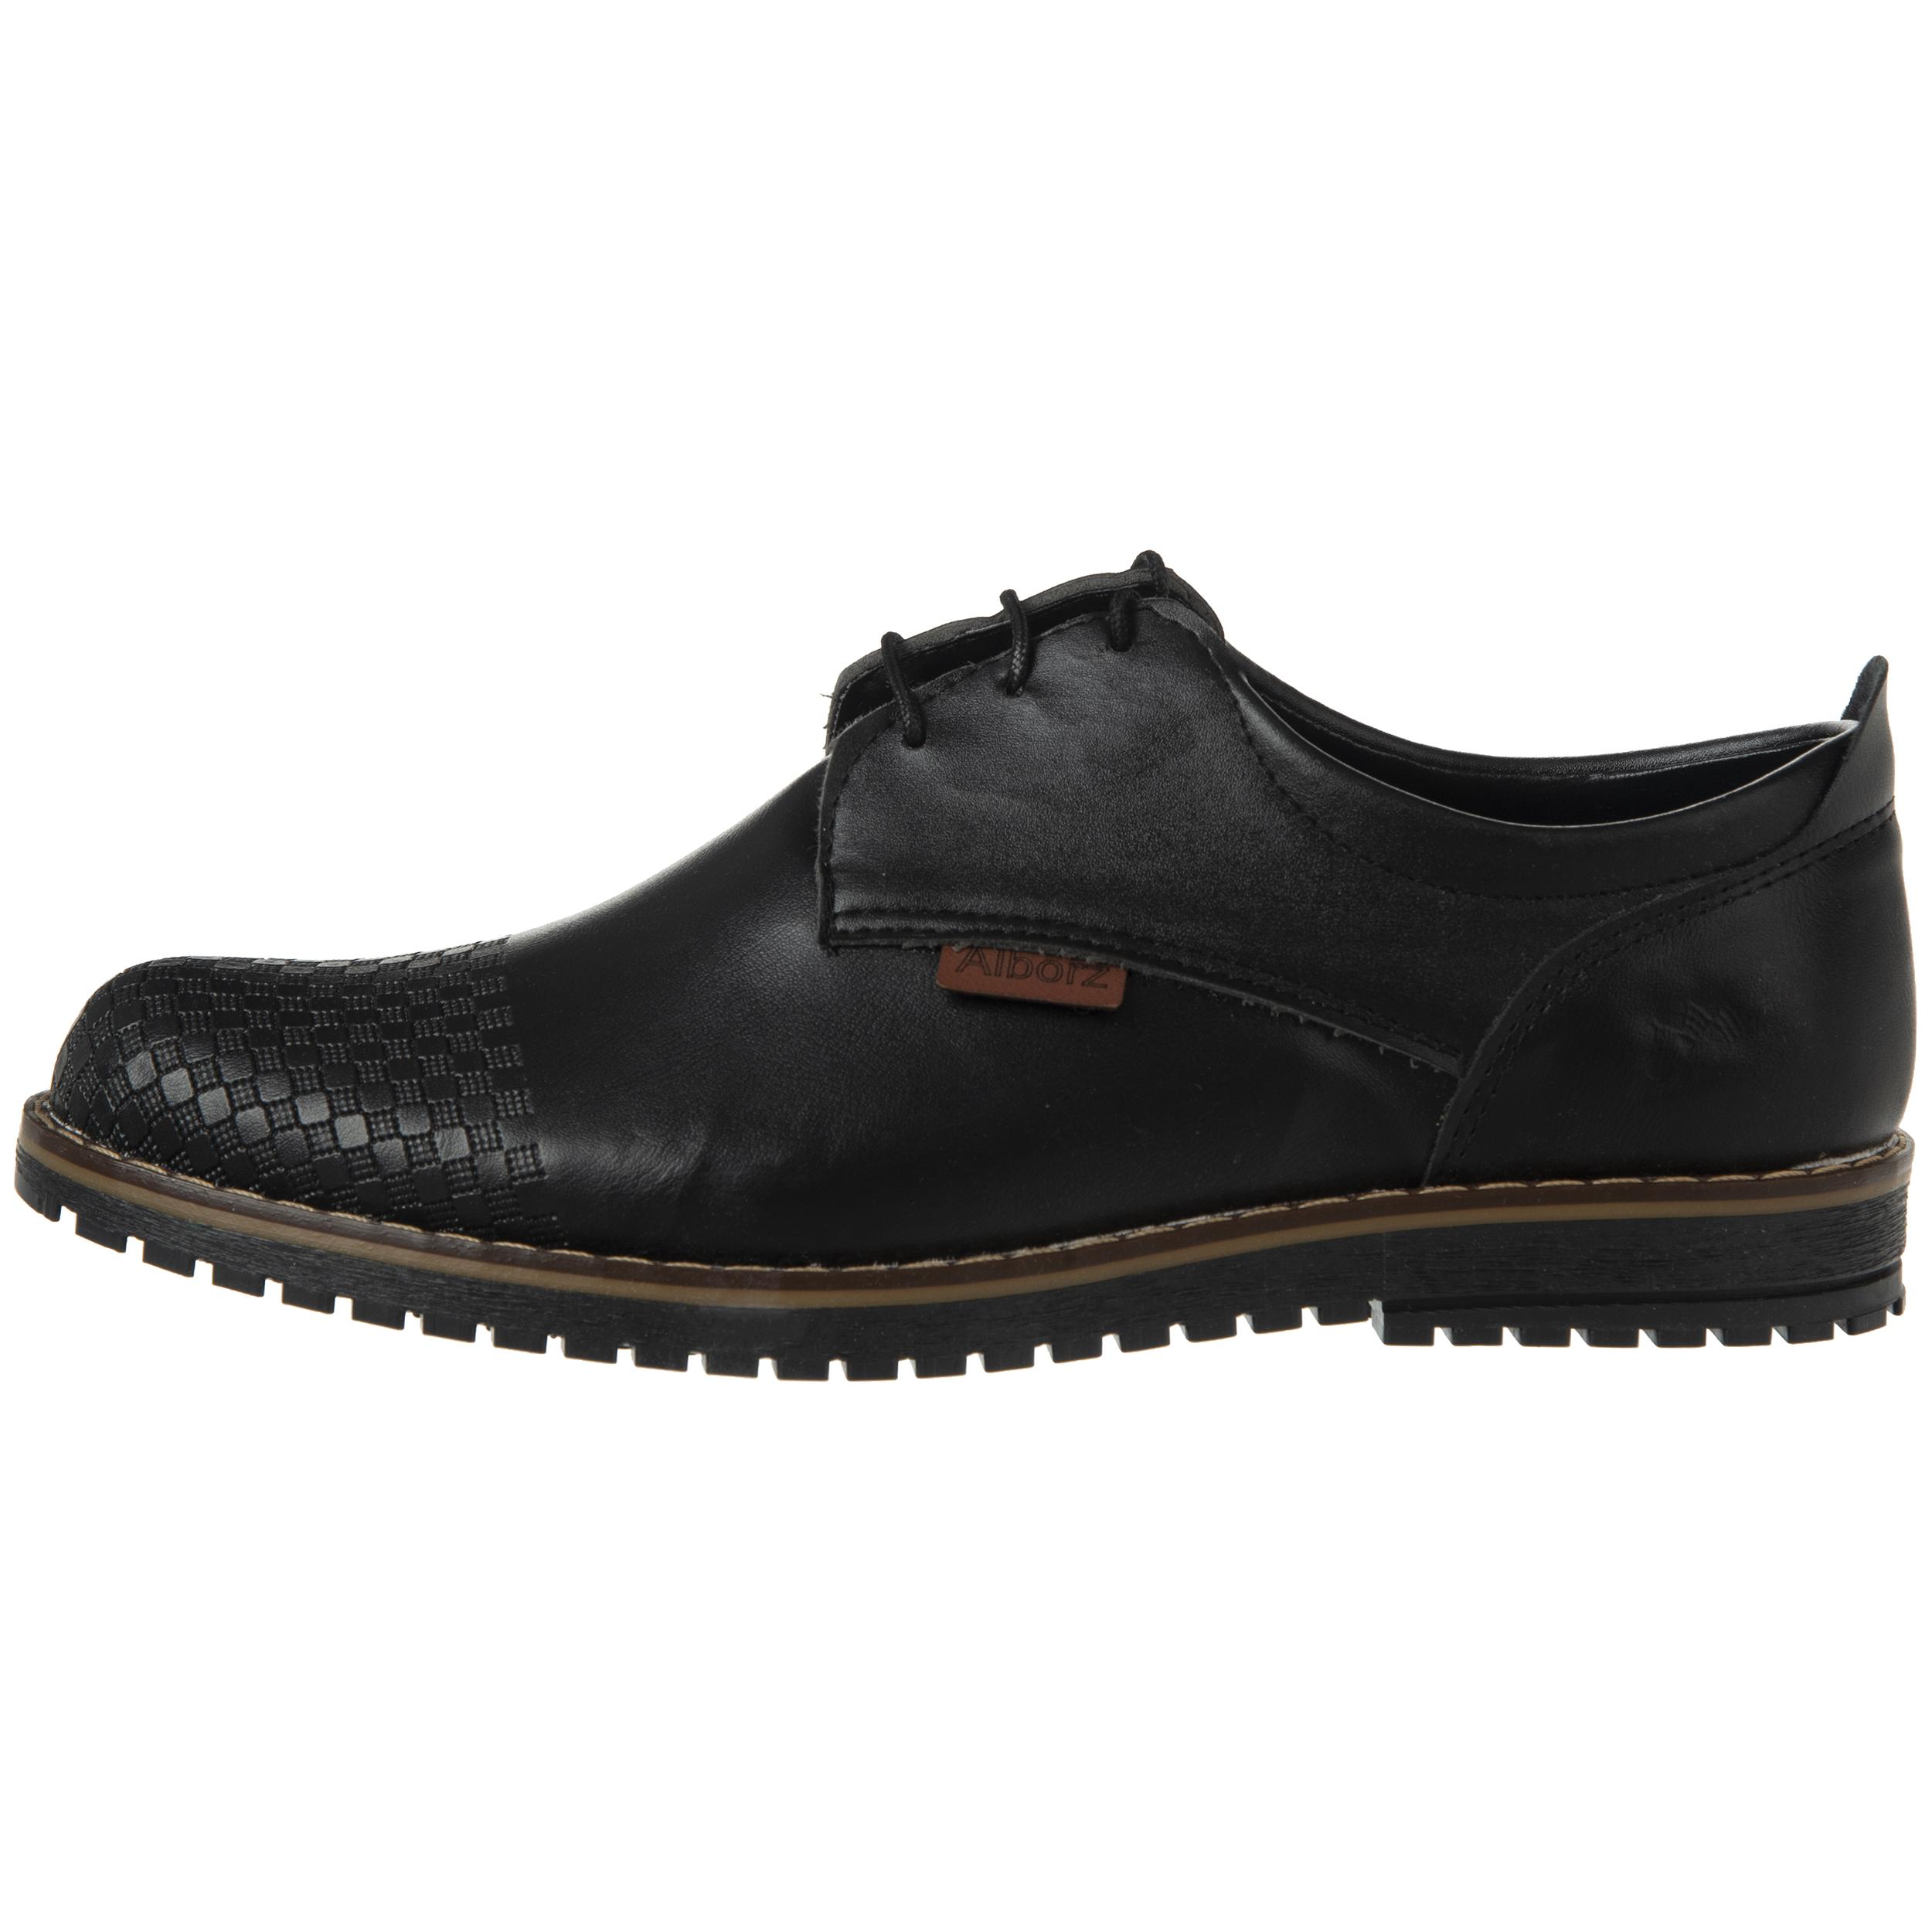 کفش رسمی مردانه البرز مدل K.baz.032